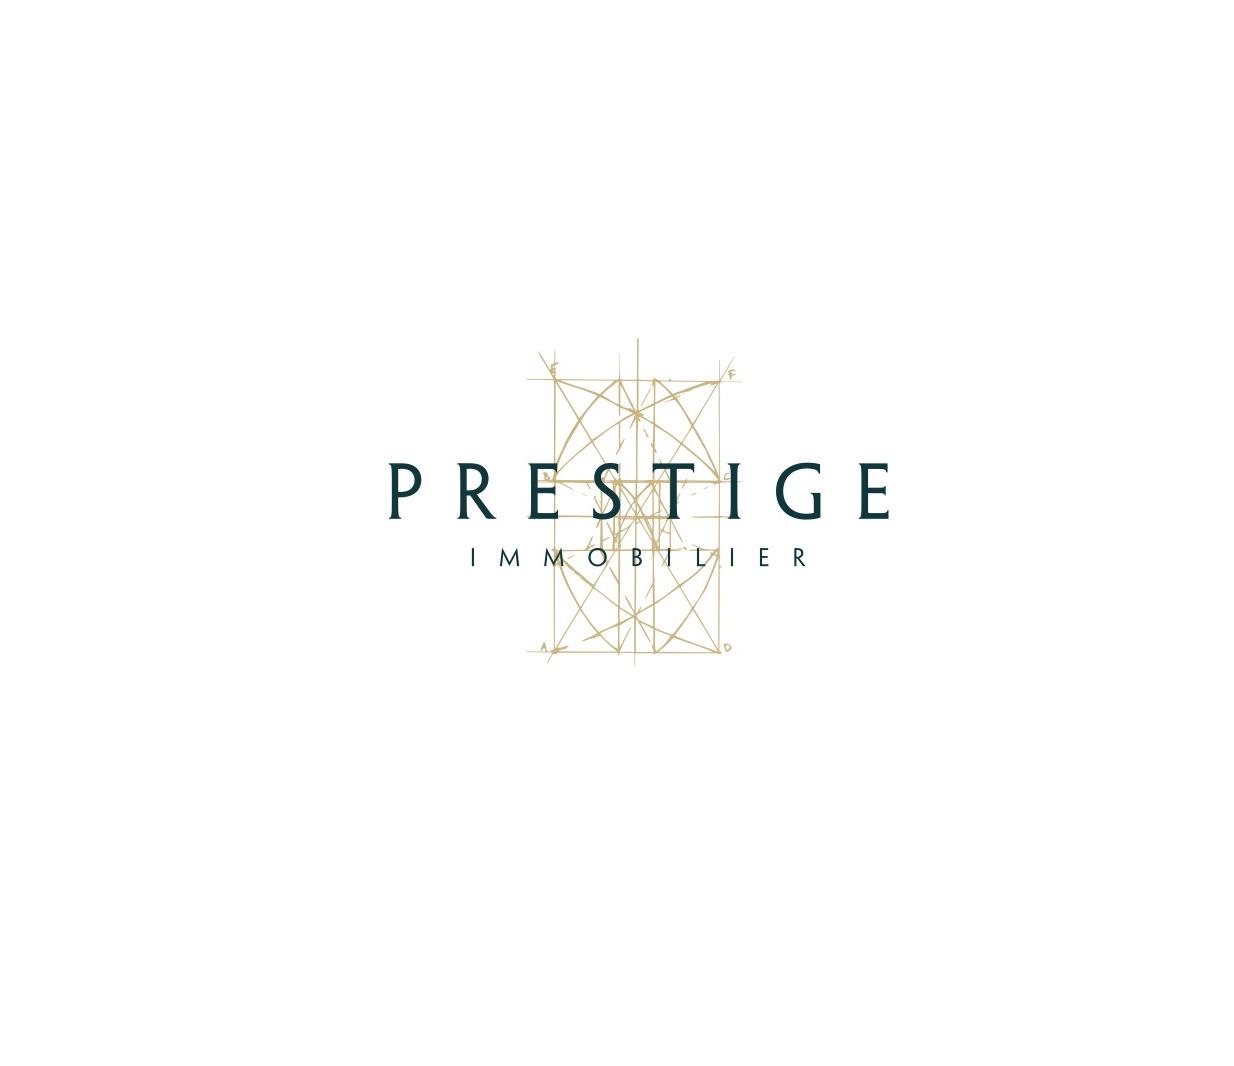 Prestige Immobilier neien Sponsor beim AB Contern